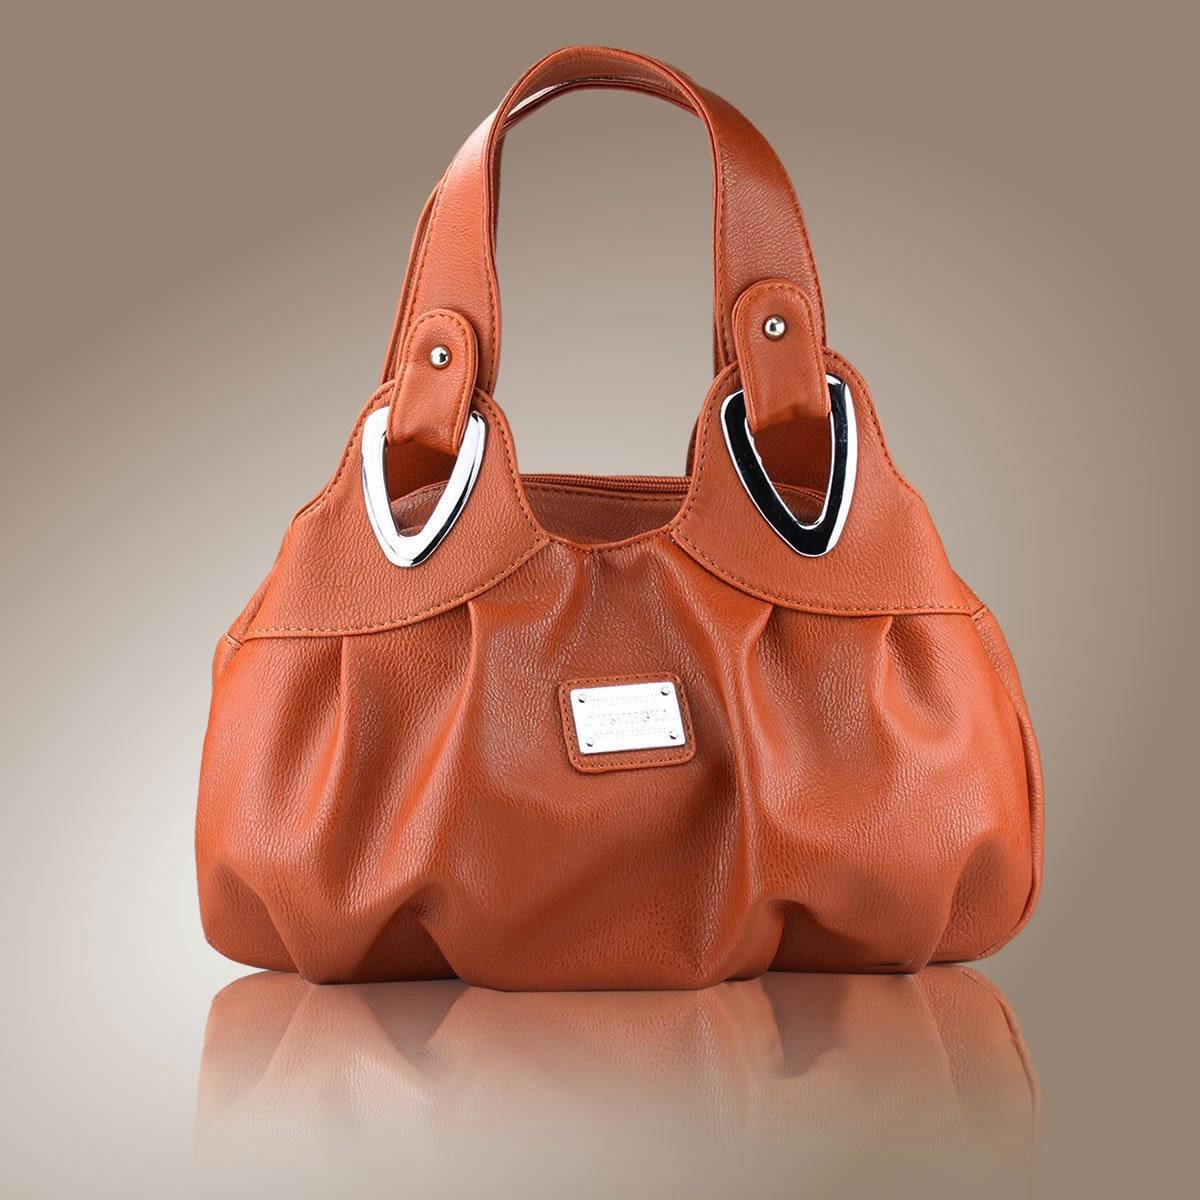 Yeni Moda Bayan Deri Çanta Modelleri